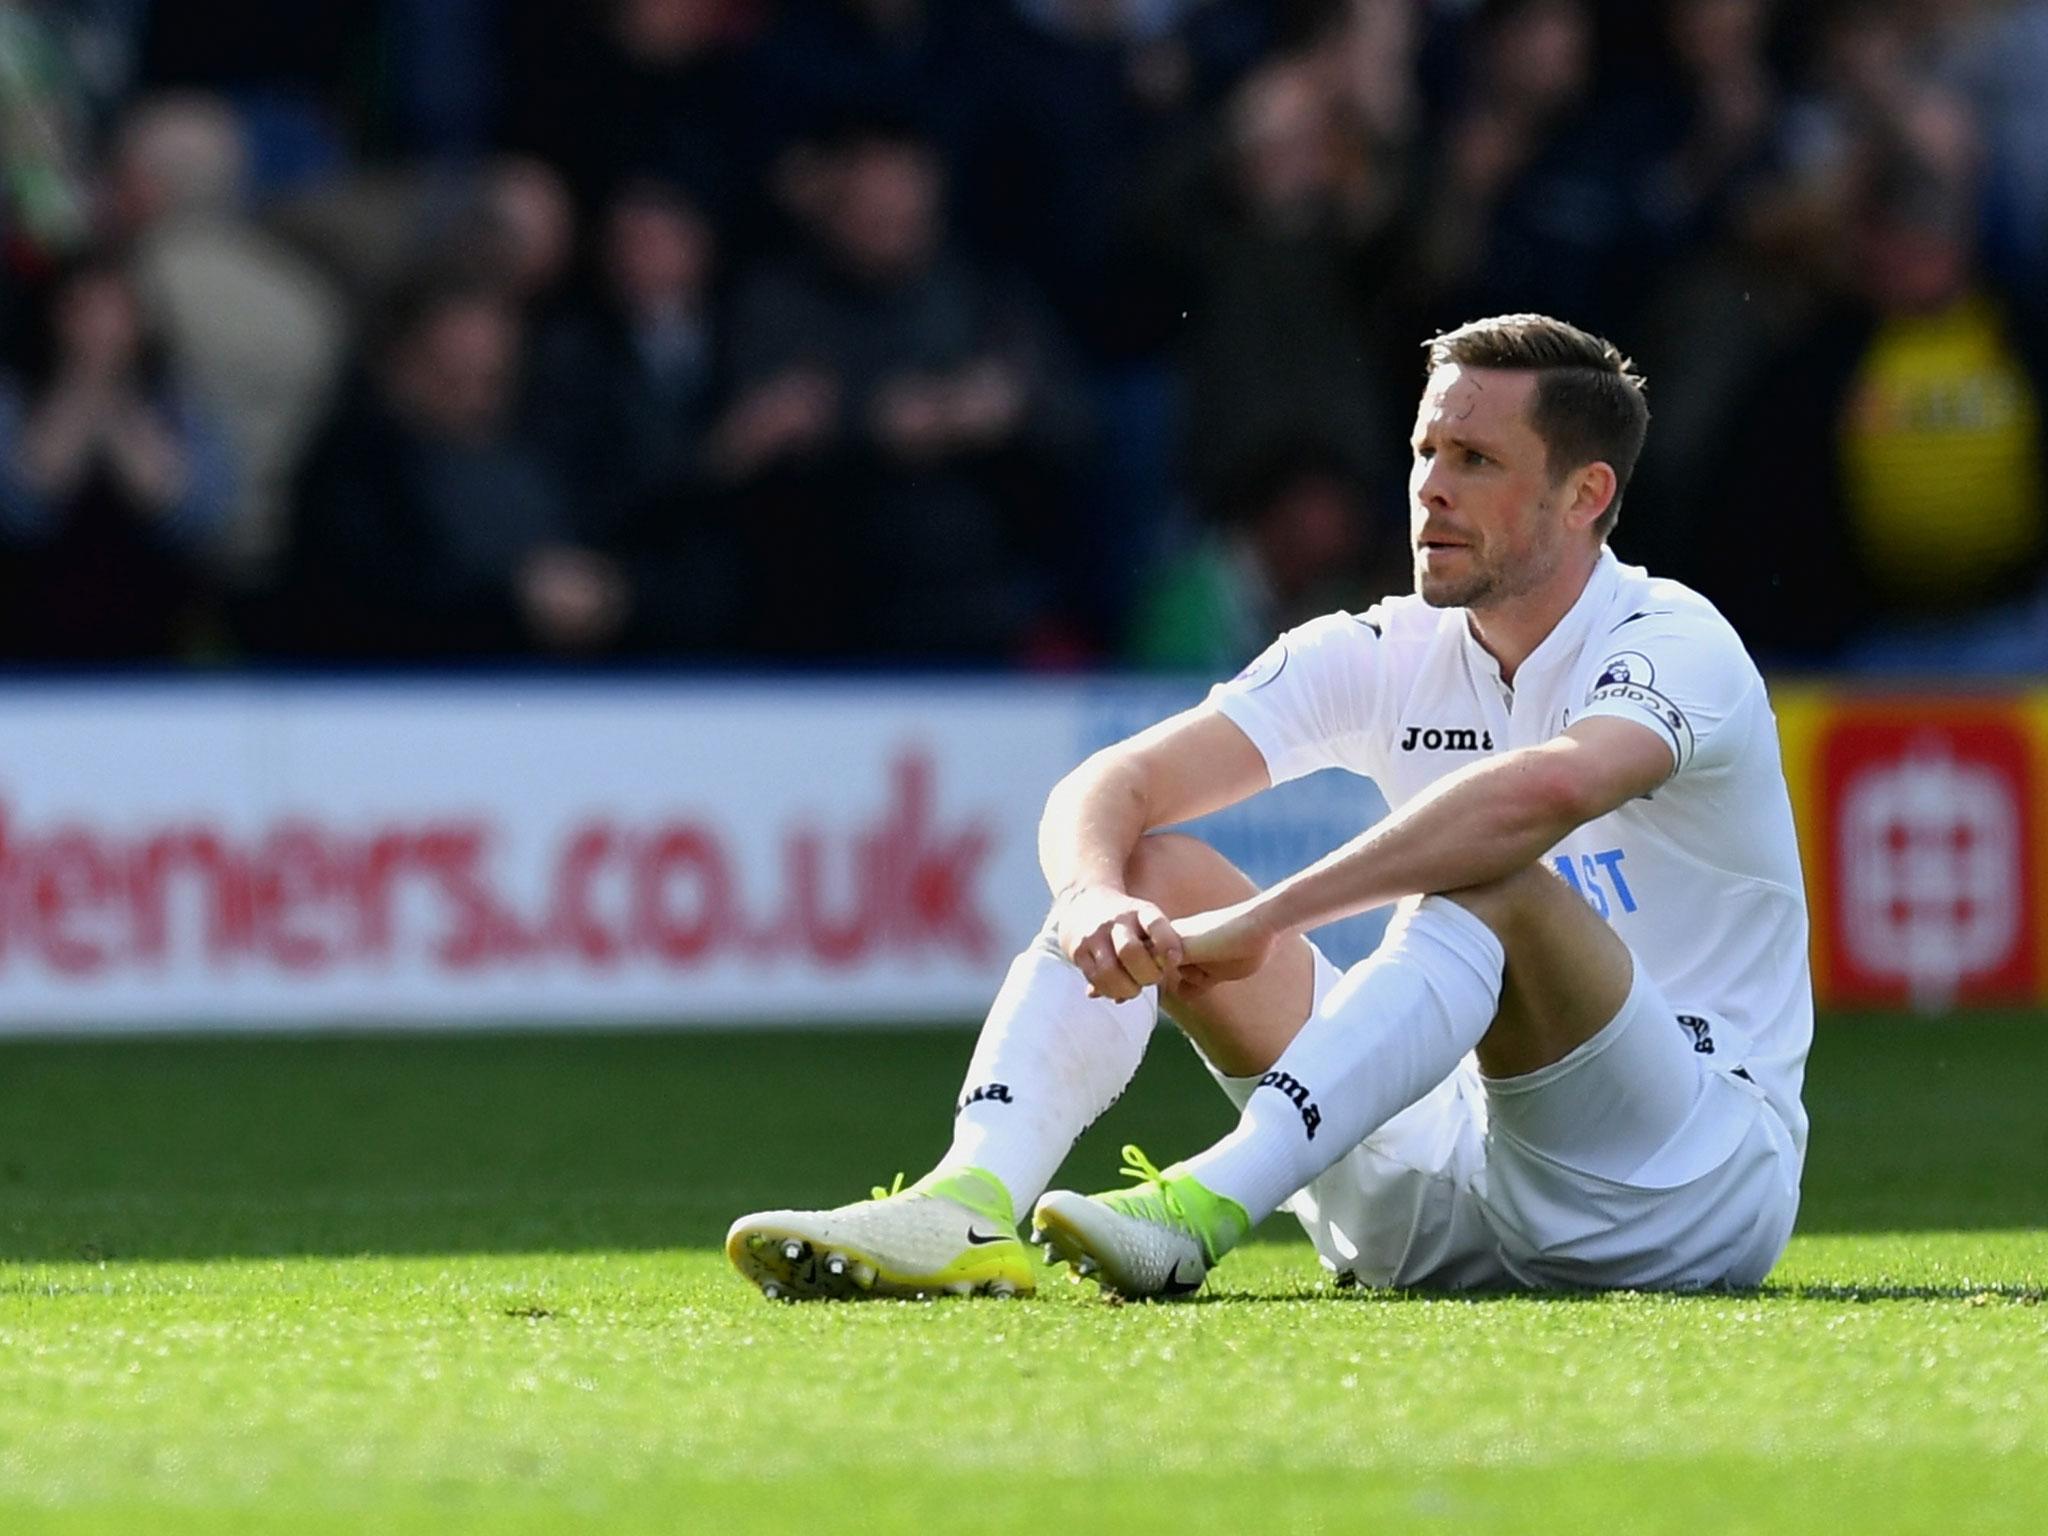 Swansea turn down fresh bid from Everton for Gylfi Sigurdsson as